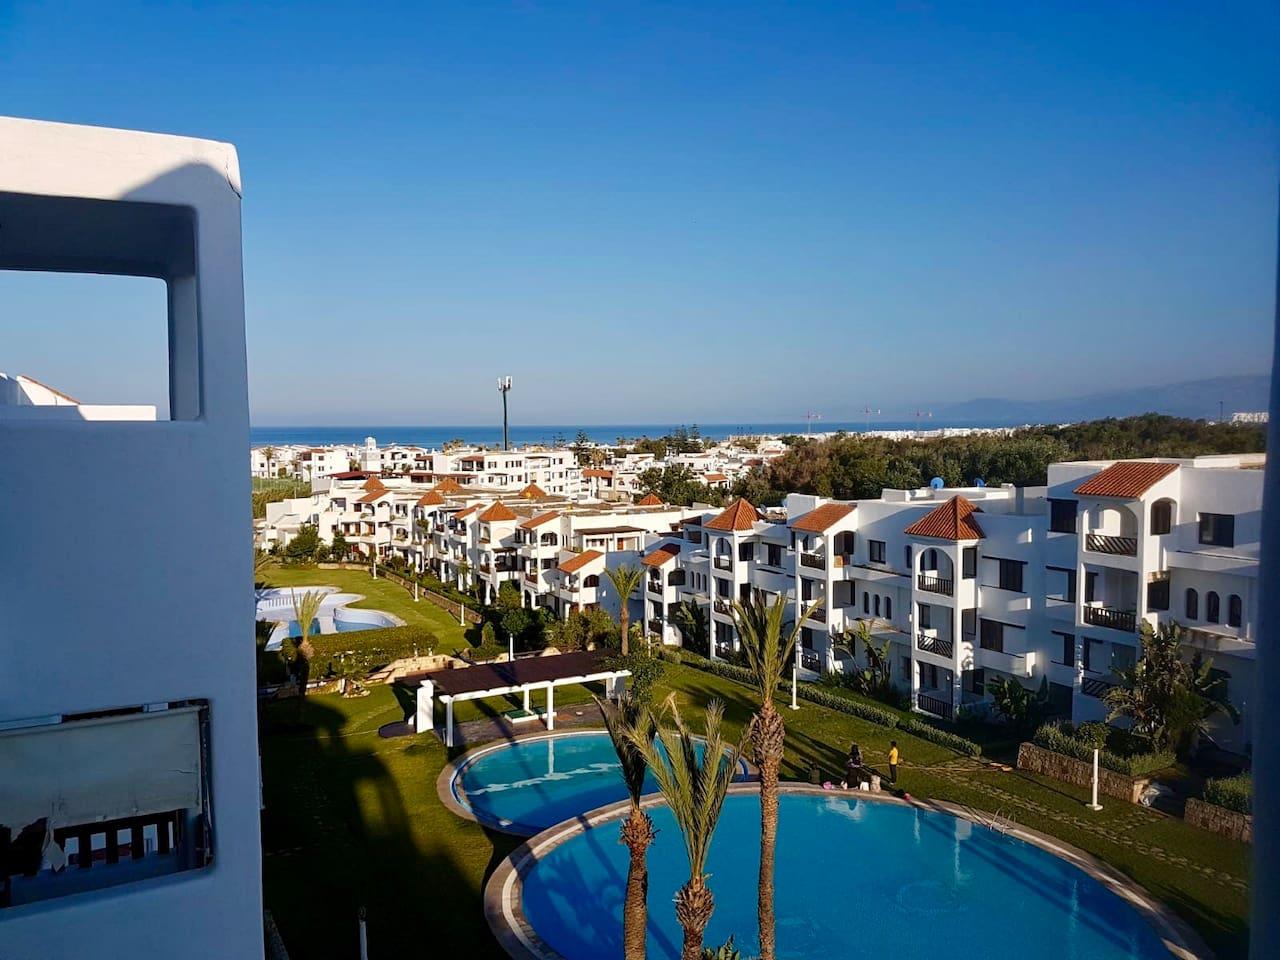 Voici la vue du balcon sur la mer et la piscine numéro 2 et 1